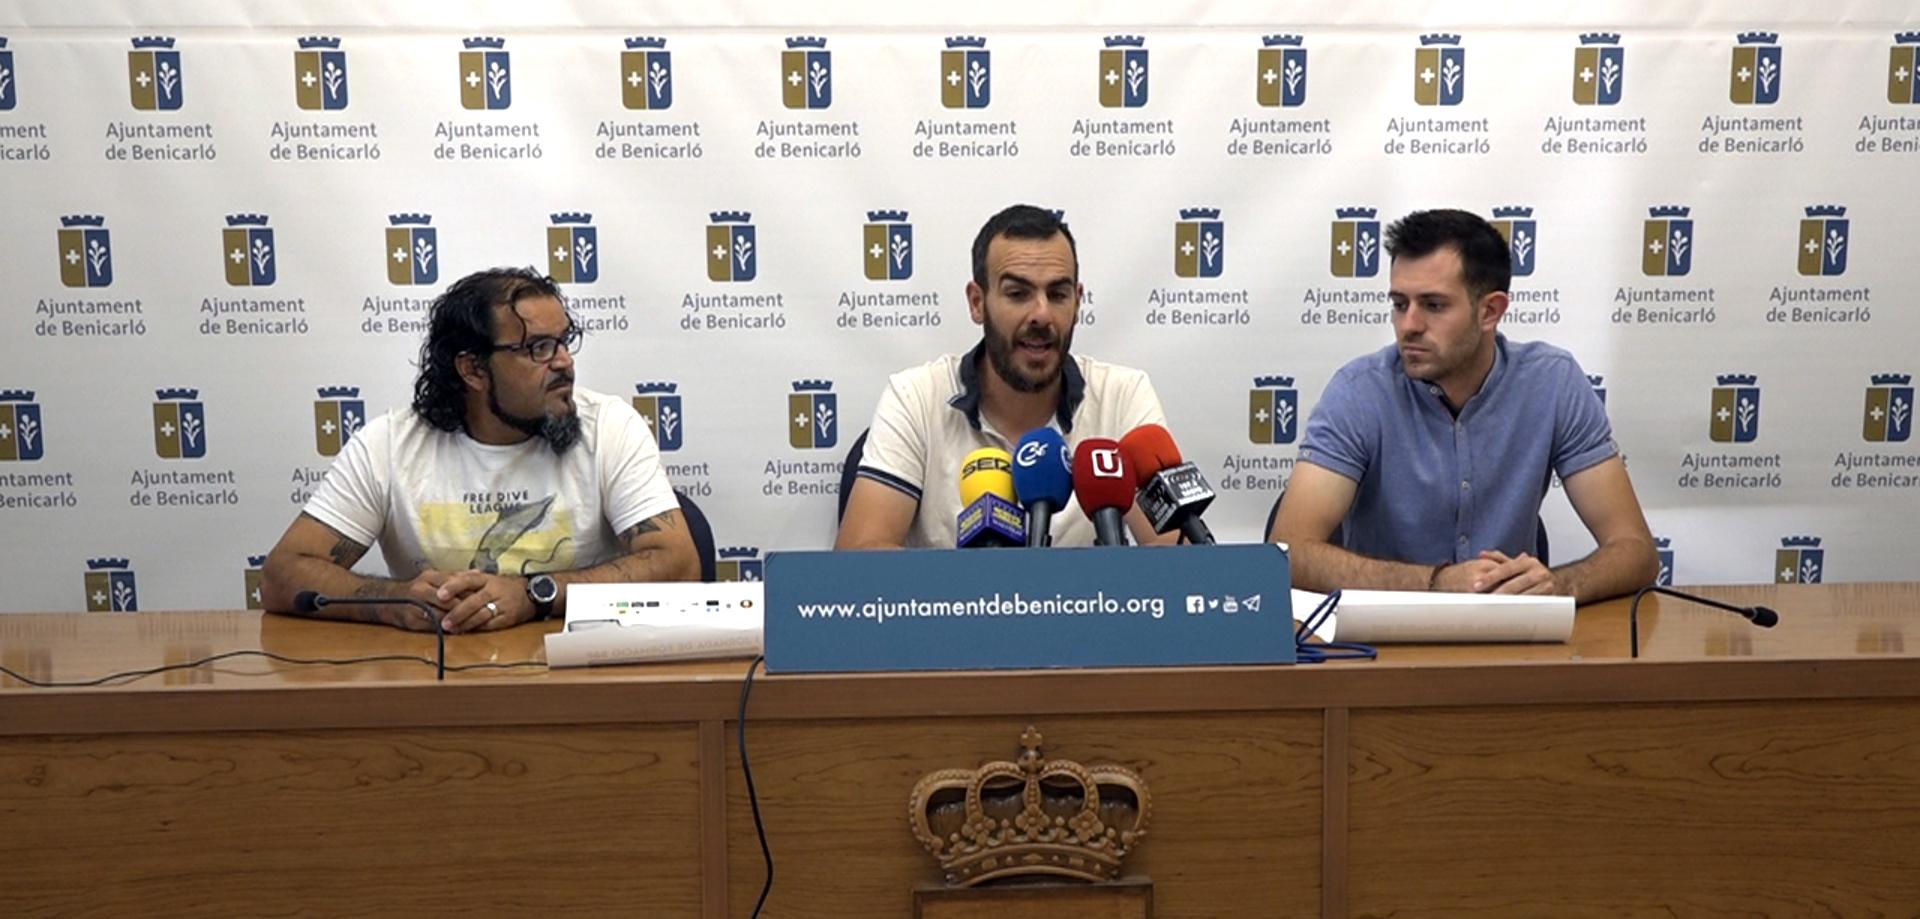 Benicarló oferirà el 22 de juny una jornada formativa de futbol